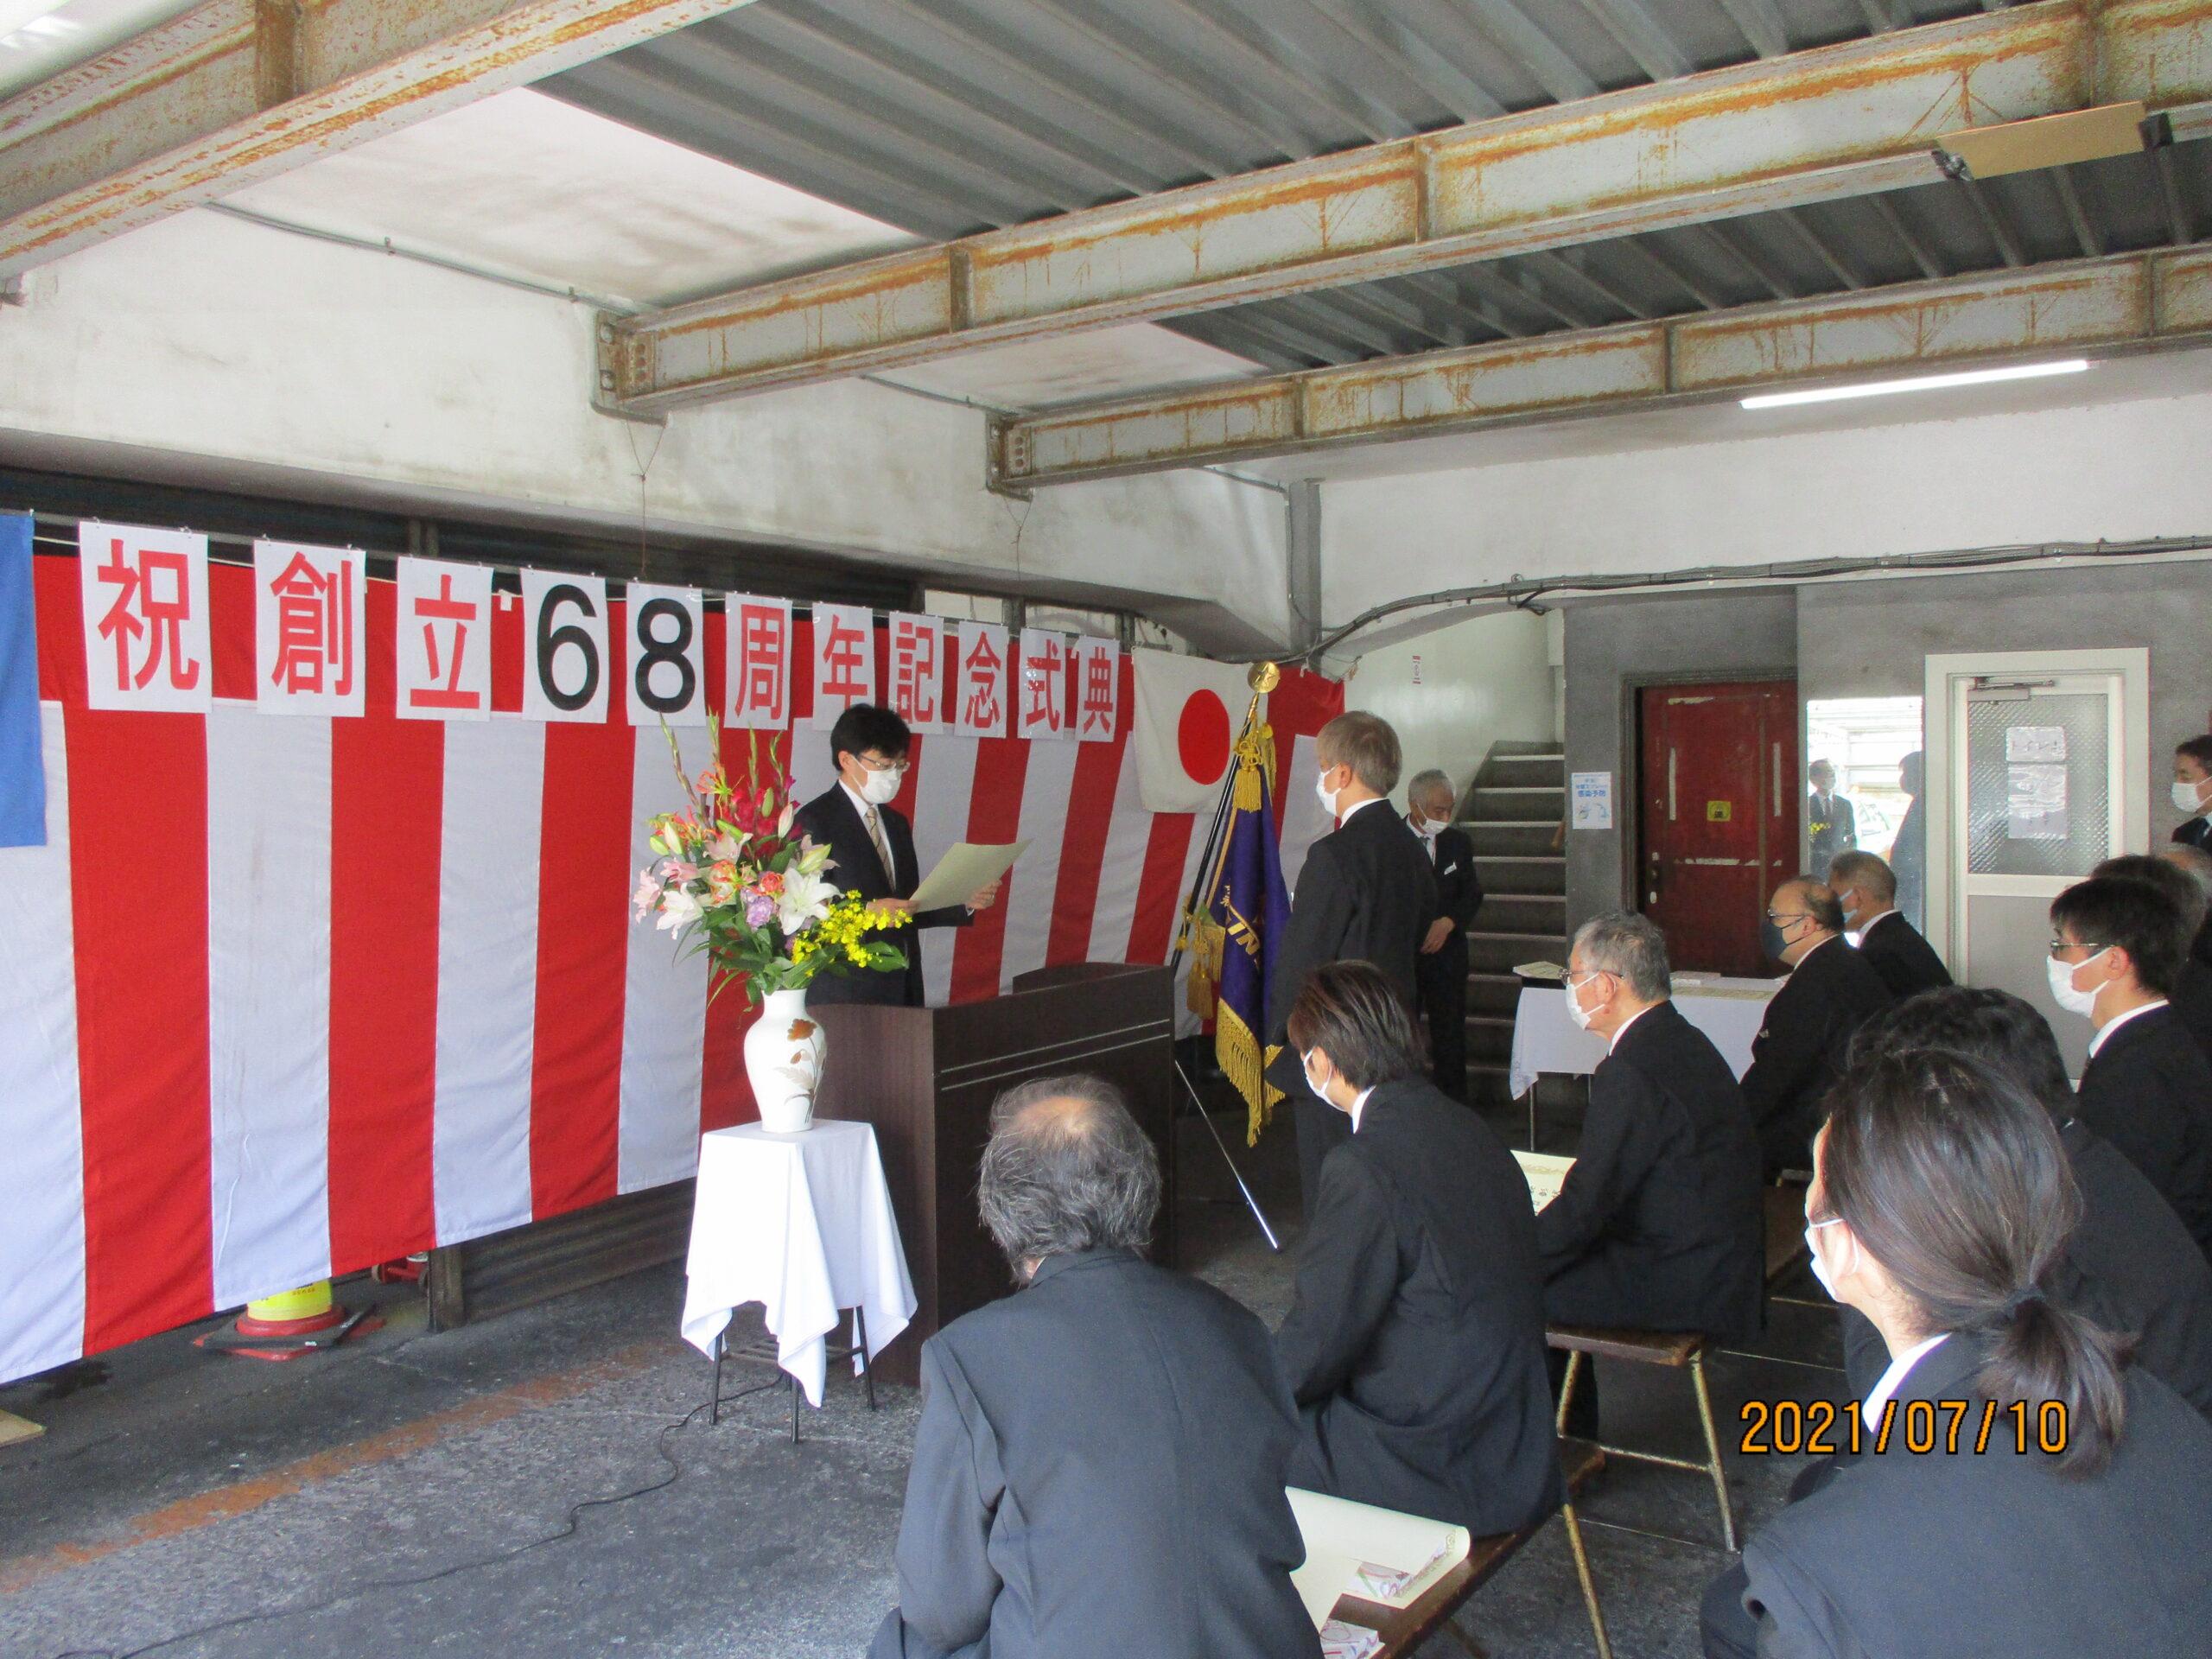 7月10日に、創立68周年の記念式典を行いました。